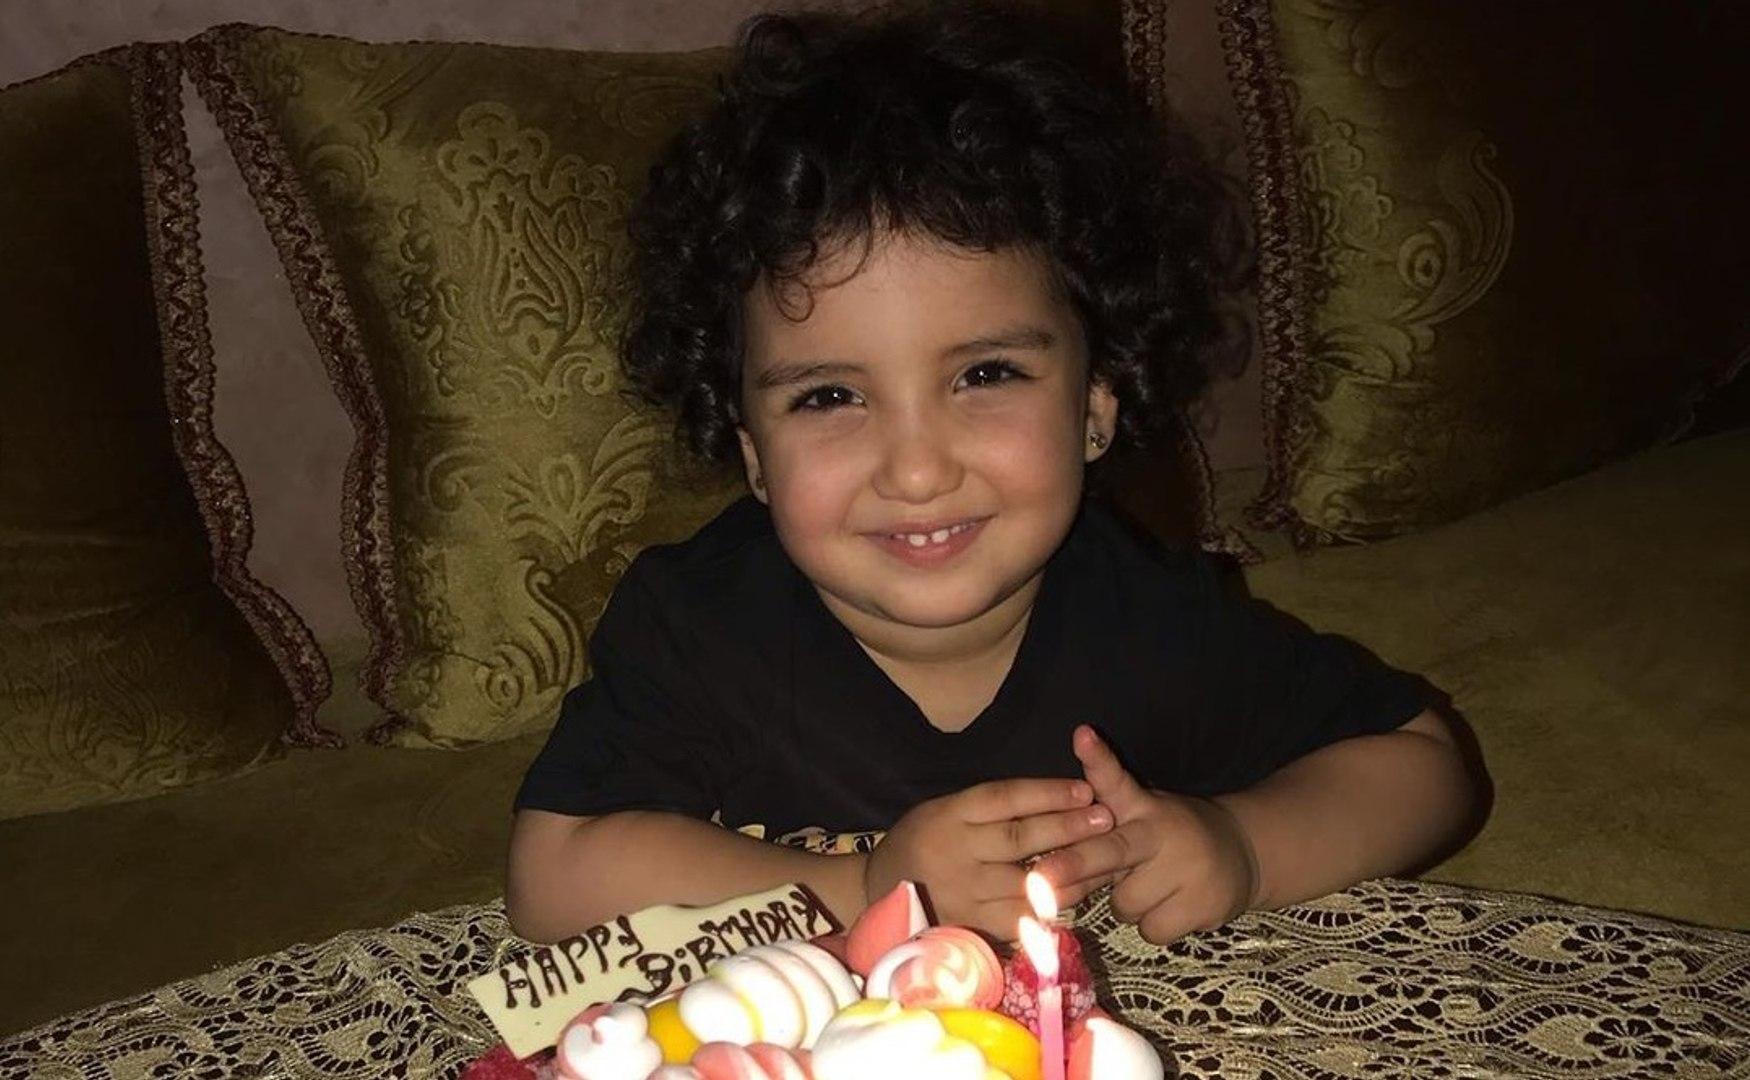 احتفال دنيا بطمة بعيد ميلاد غزل الترك فيديو Dailymotion